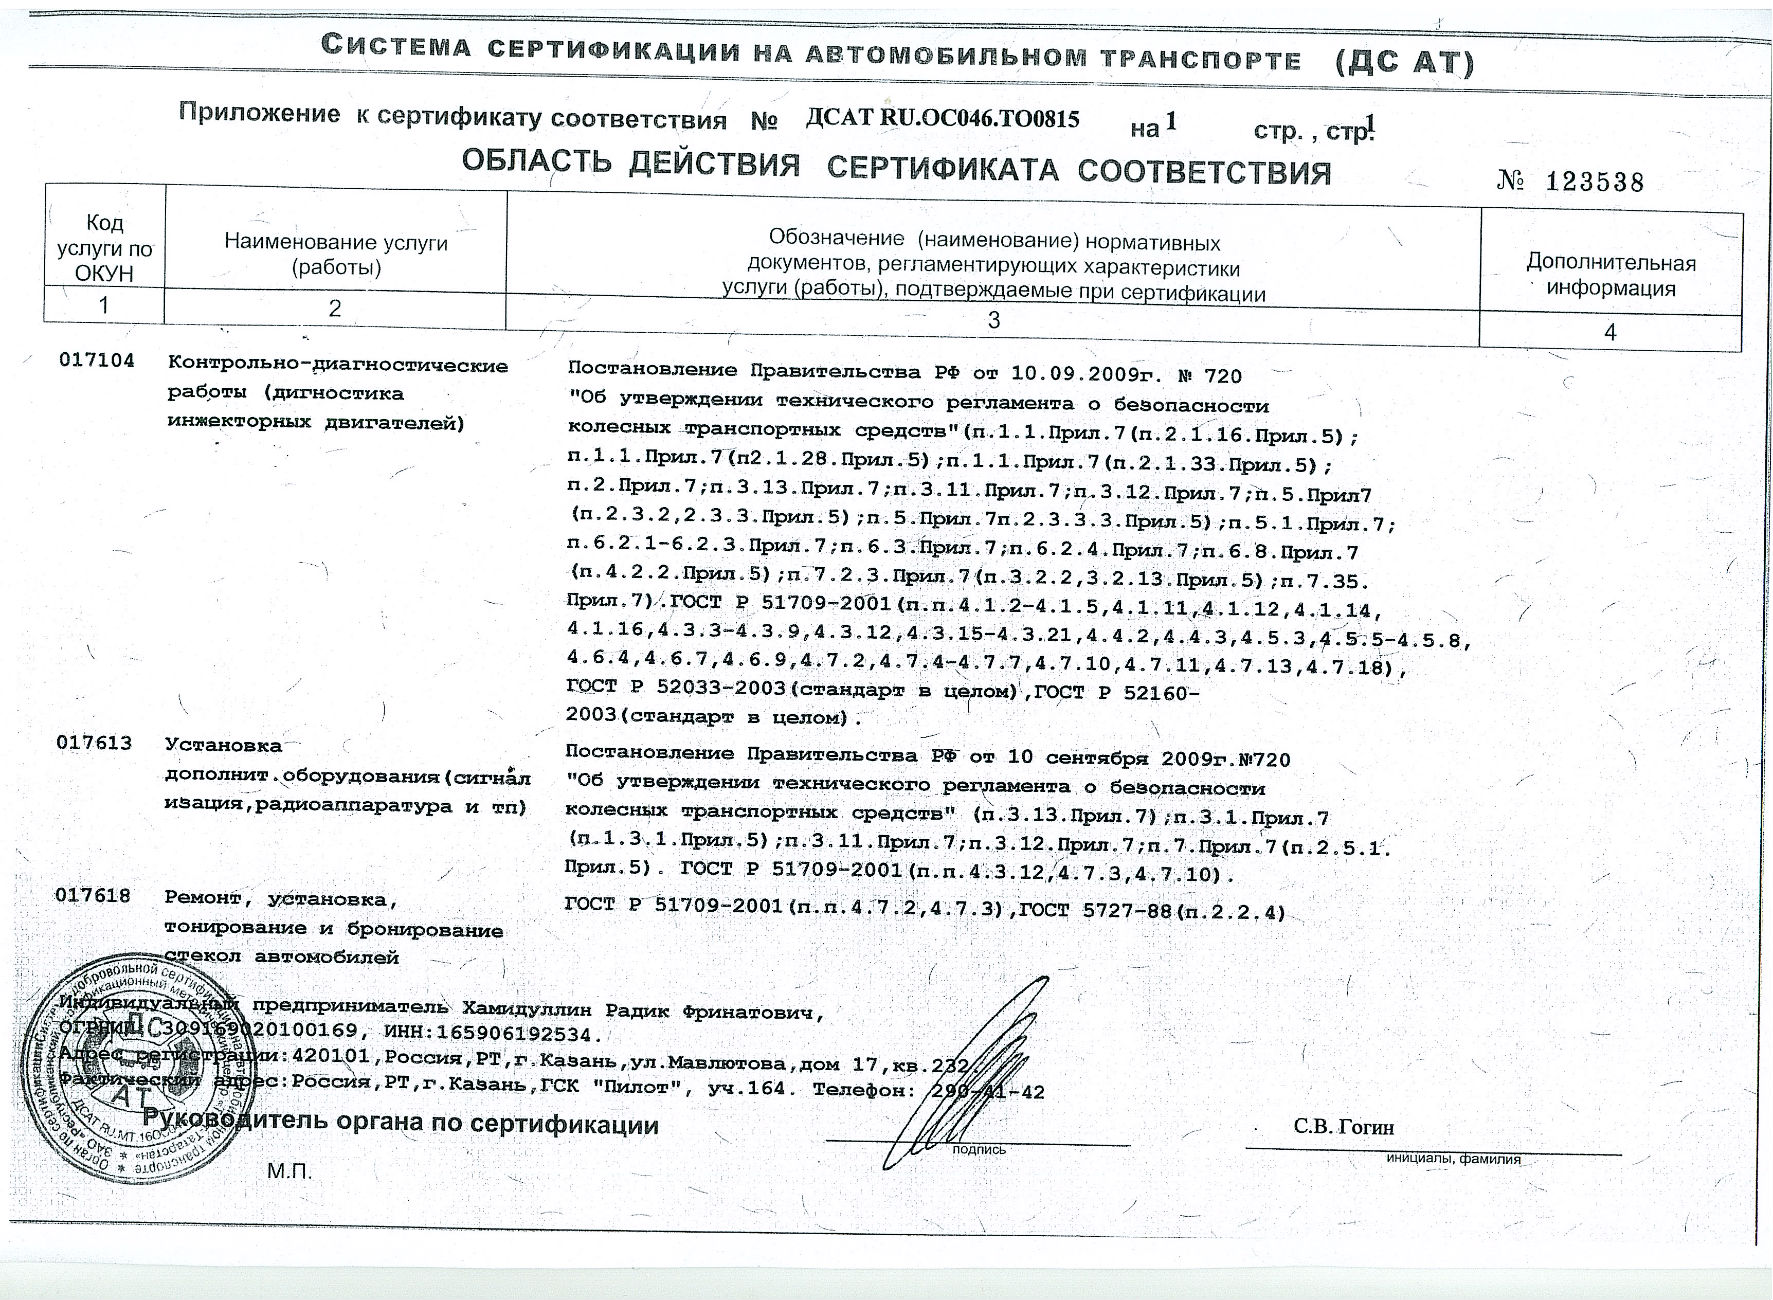 Приложение к сертификату соответствия